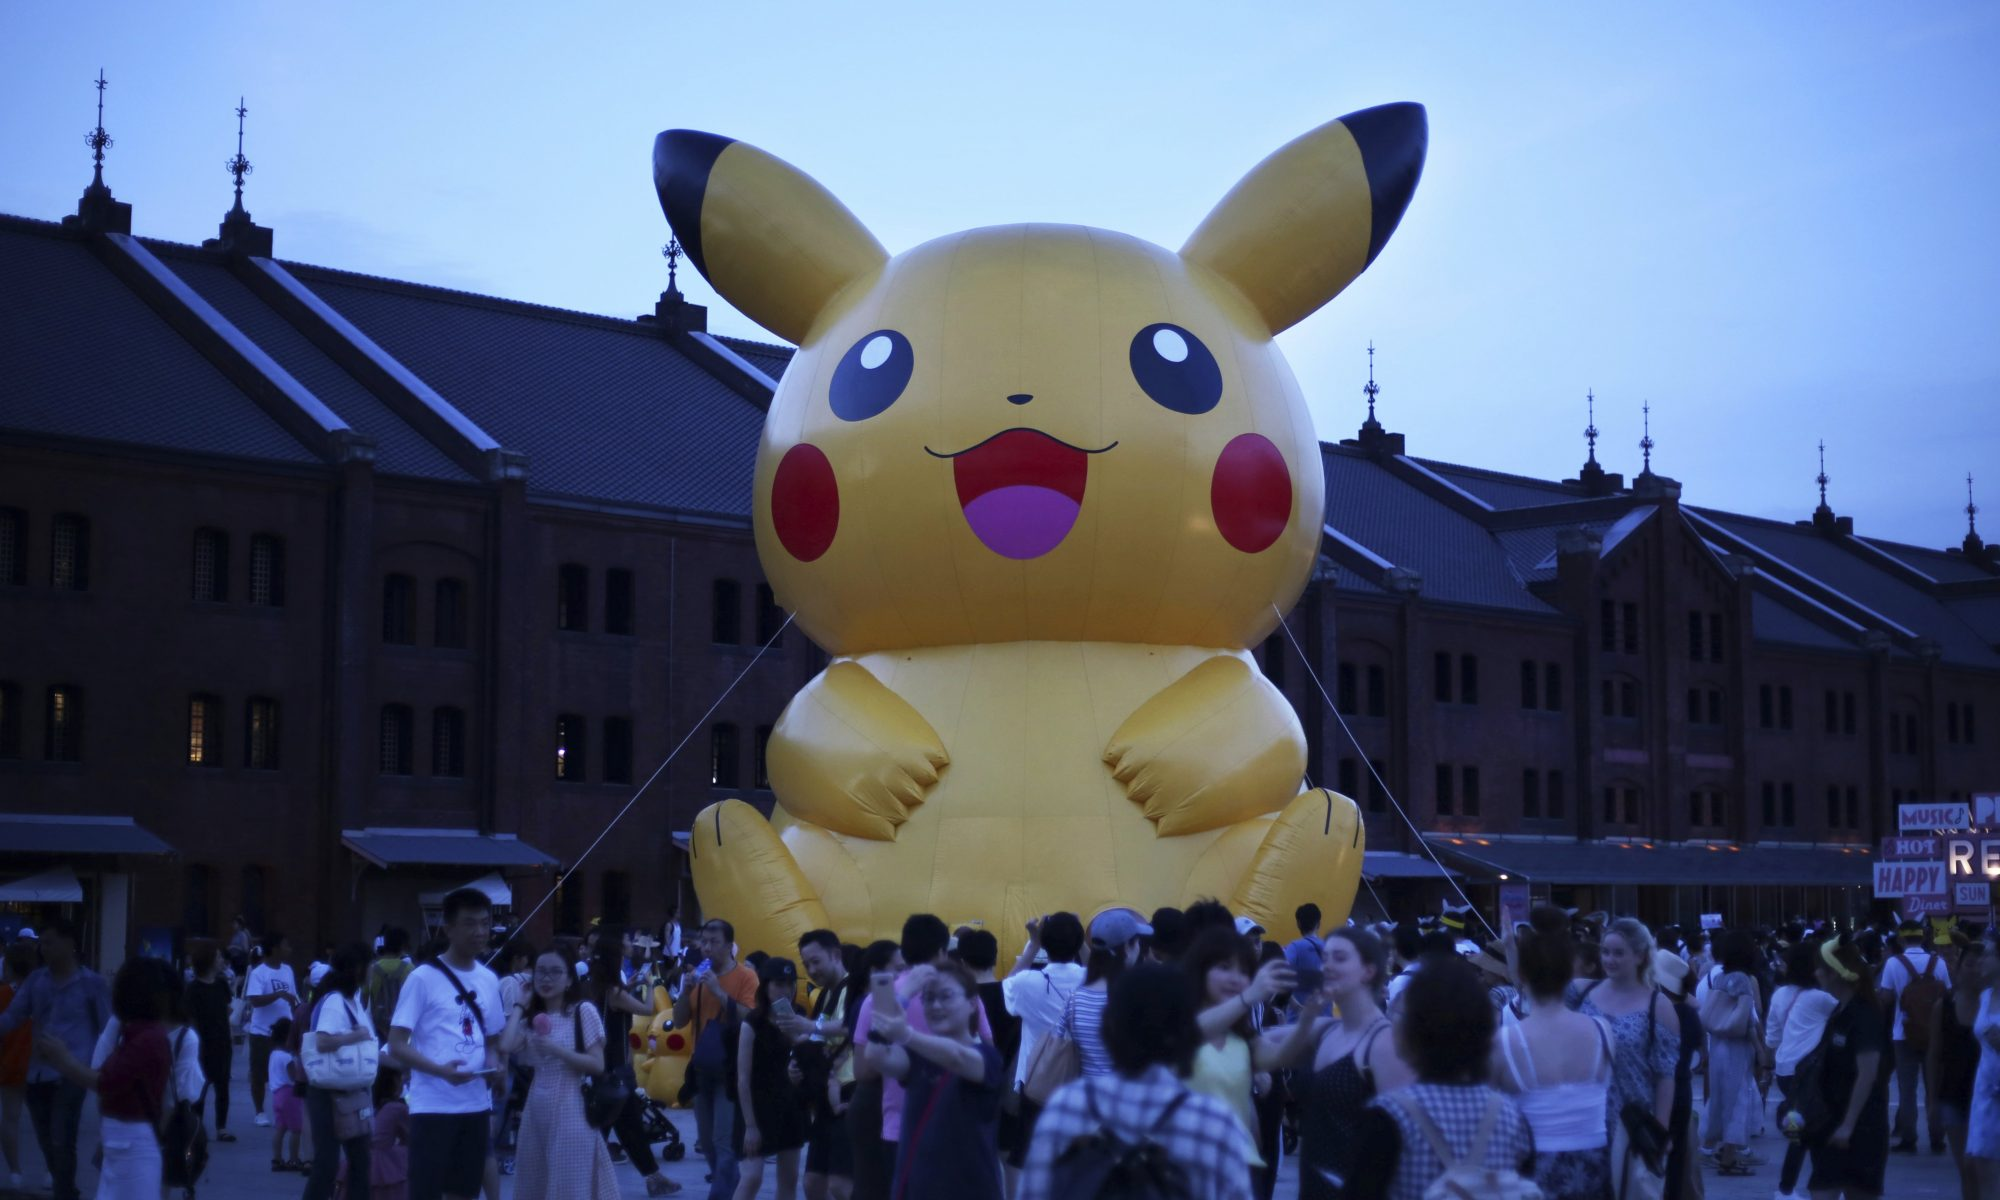 Los Pokémon están más que nunca en la cima y generaron más de $ 1 mil millones en ventas en 2020